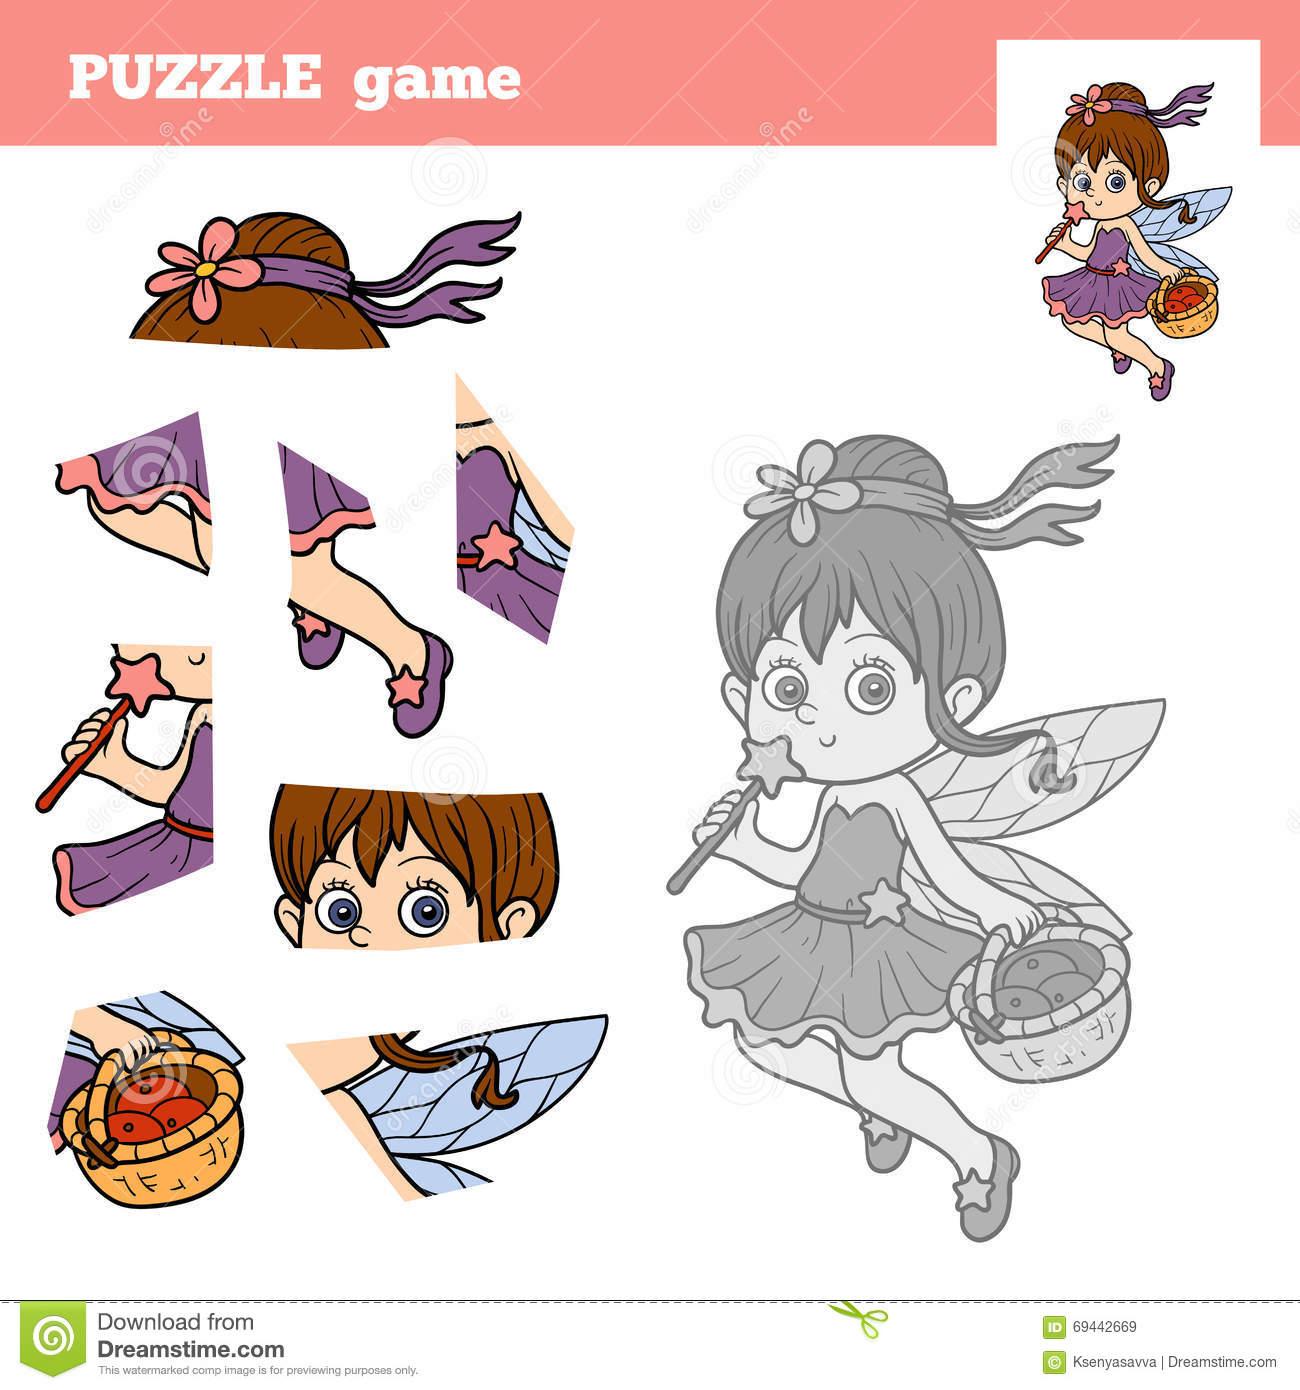 Jeux De Puzzle De Fee Telecharger | Denmonasse.ml serapportantà Puzzle Enfant En Ligne